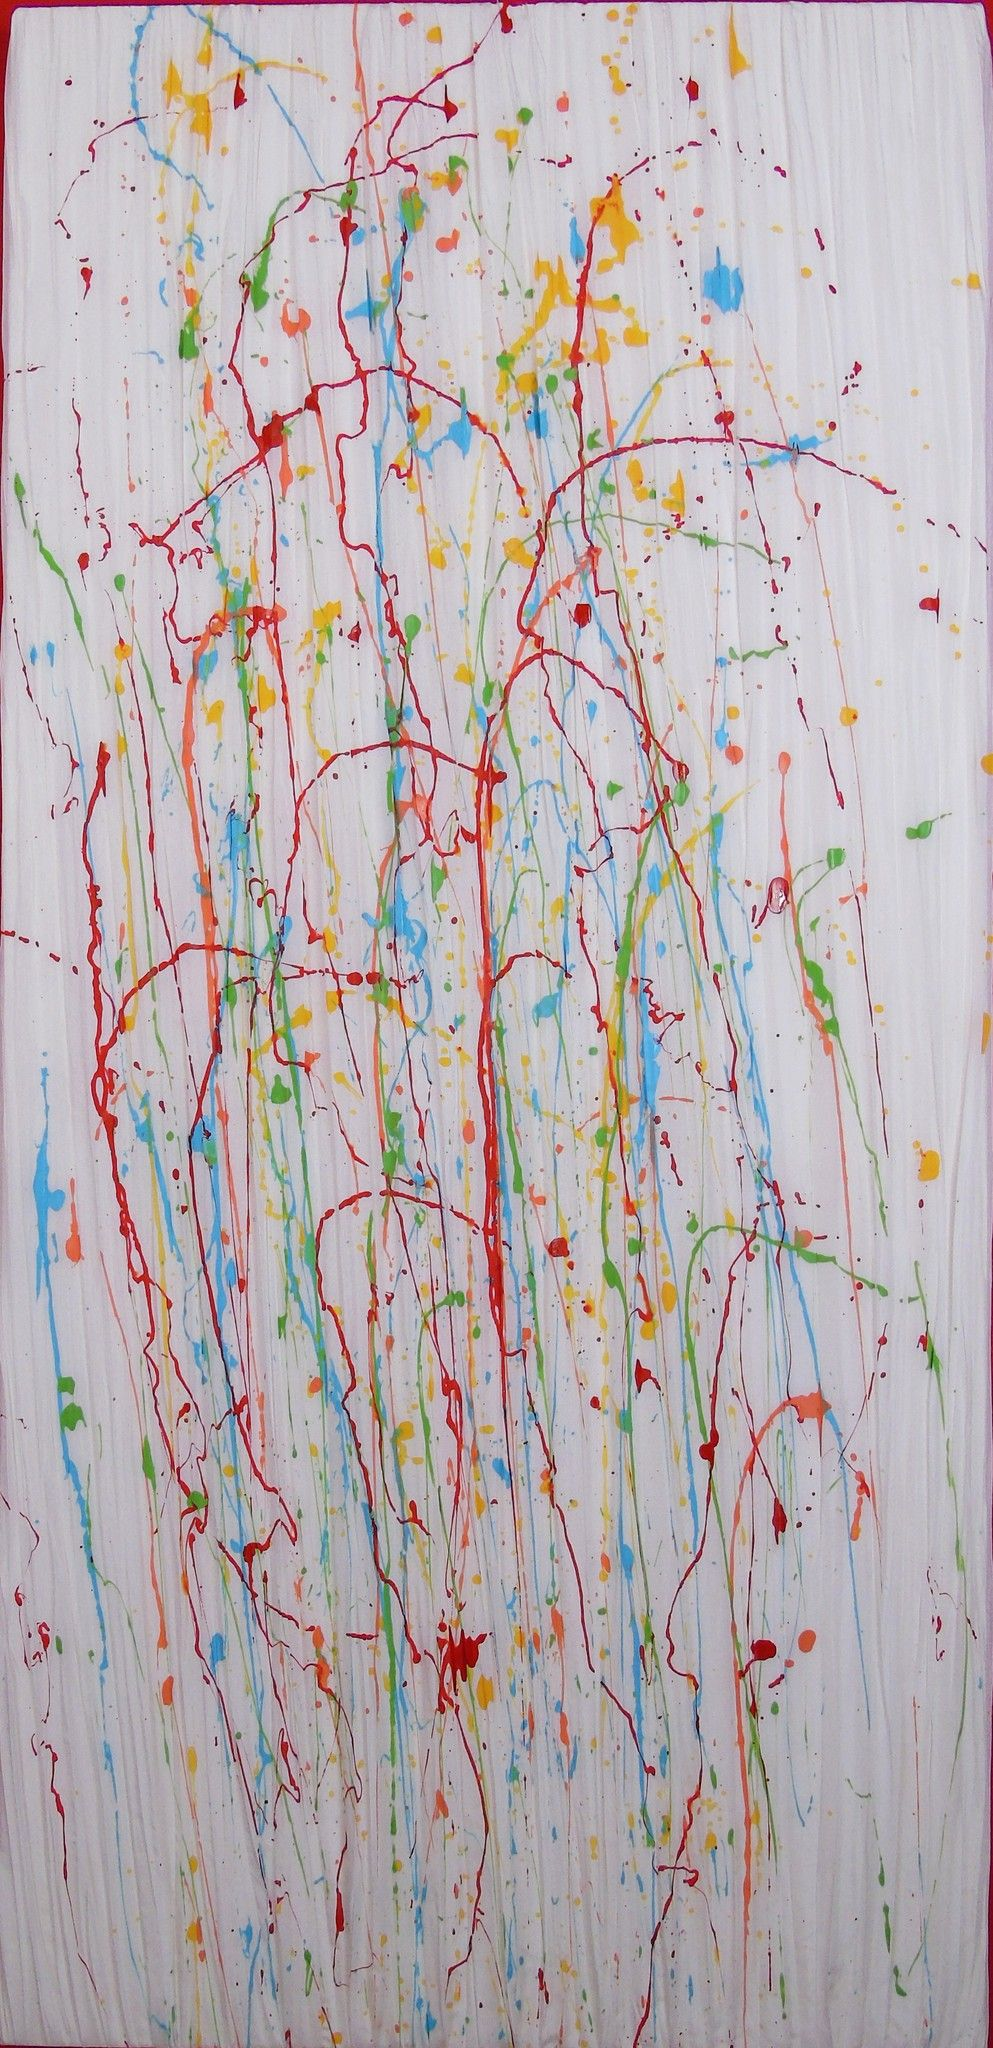 MIXED MEDIA  DARIO DABBENI ' OPERA Nr. 16 '  dimensioni L 60 x H 125 cm.